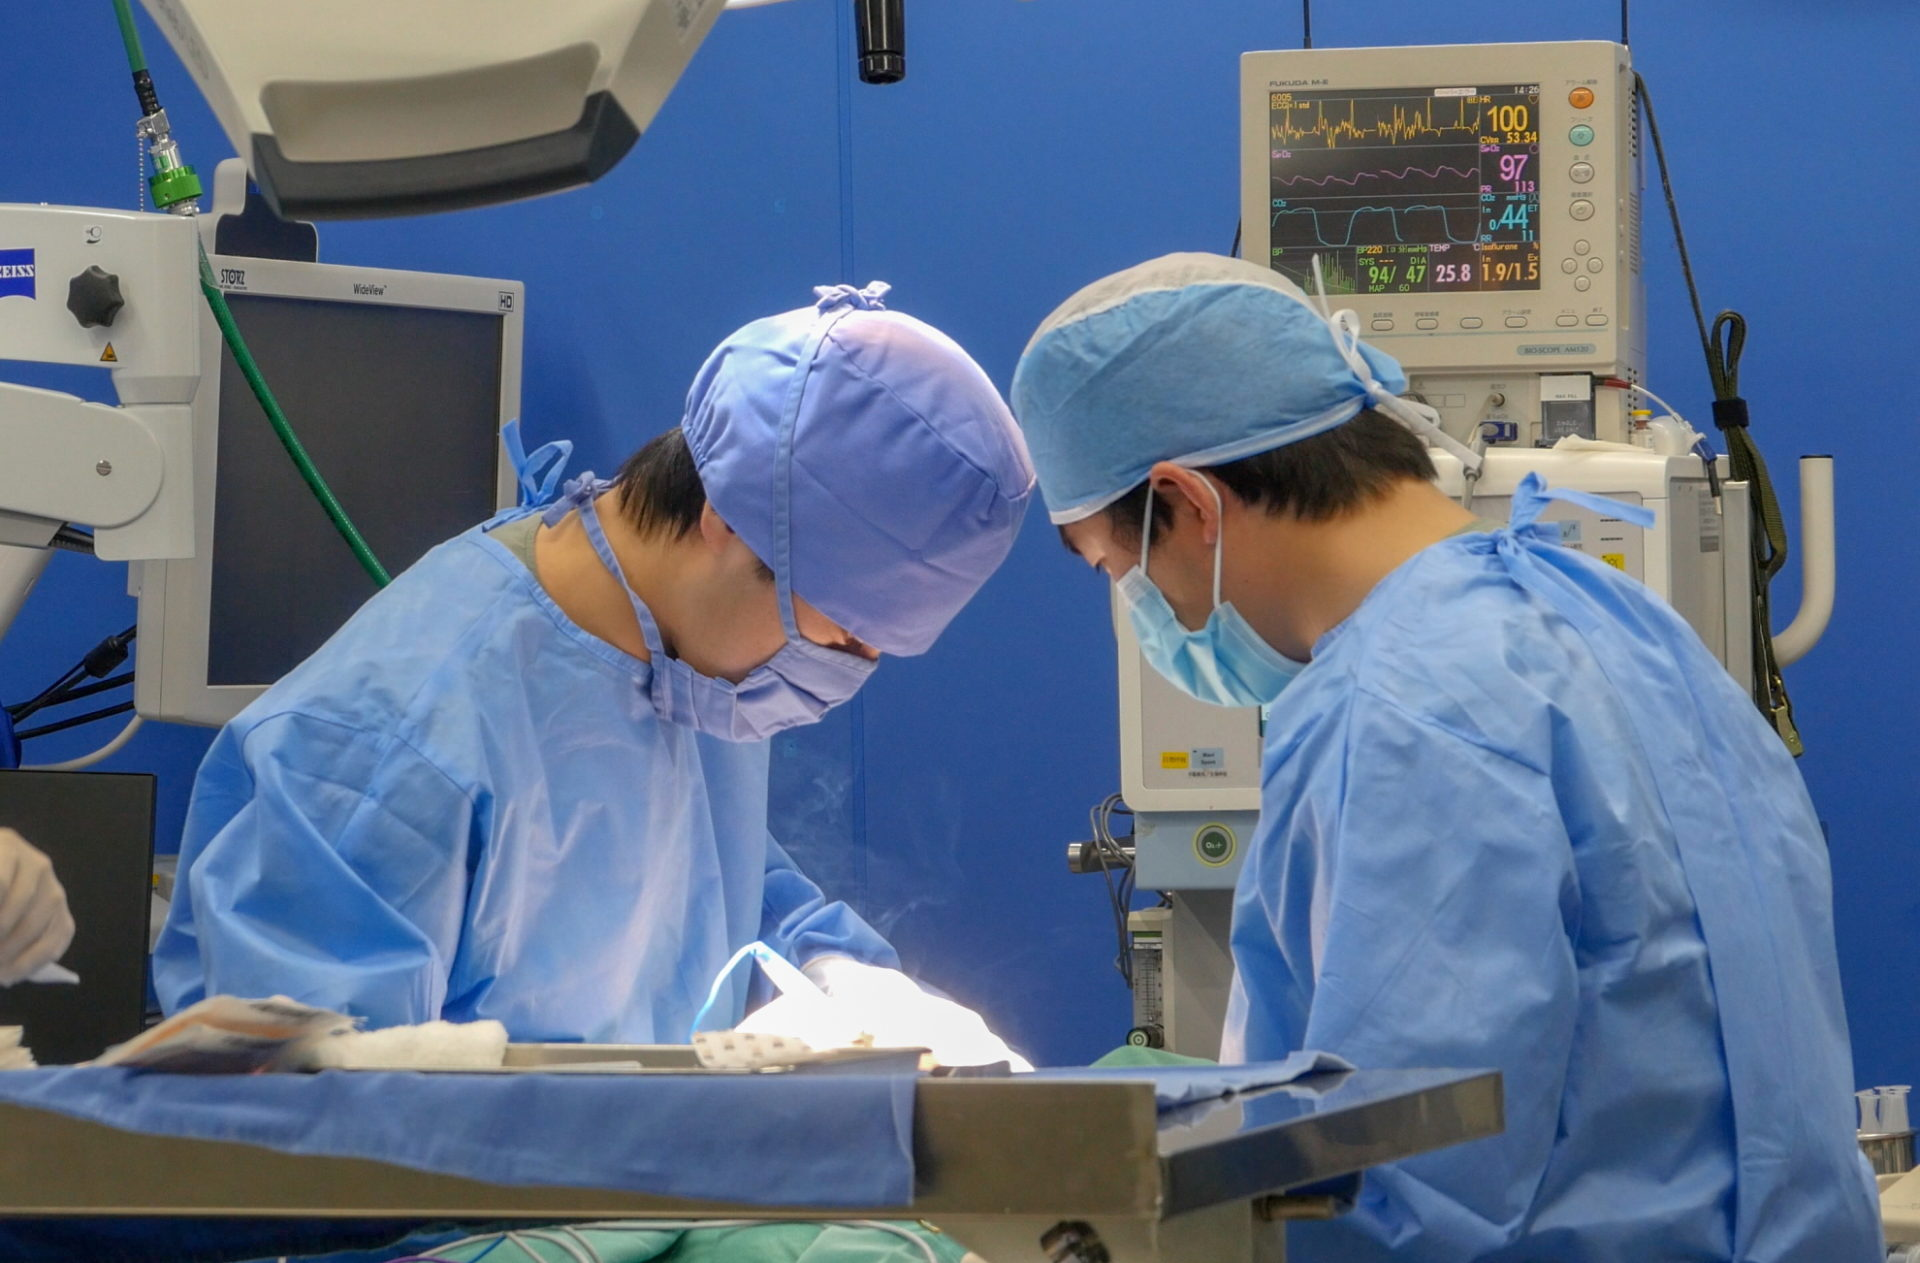 たぐち動物病院|犬猫専門外来|MRIやCT等の高度画像検査、整形外科、神経科、皮膚科、眼科、麻酔科、画像診断科、腫瘍科、放射線治療科、腹腔鏡手術、超音波検査、 内視鏡検査、関節鏡検査、組織採取、細胞診、前十字靭帯断裂整復(TPLO、CBLO)、骨折整復、椎間板ヘルニア、人工股関節全置換術(THR)